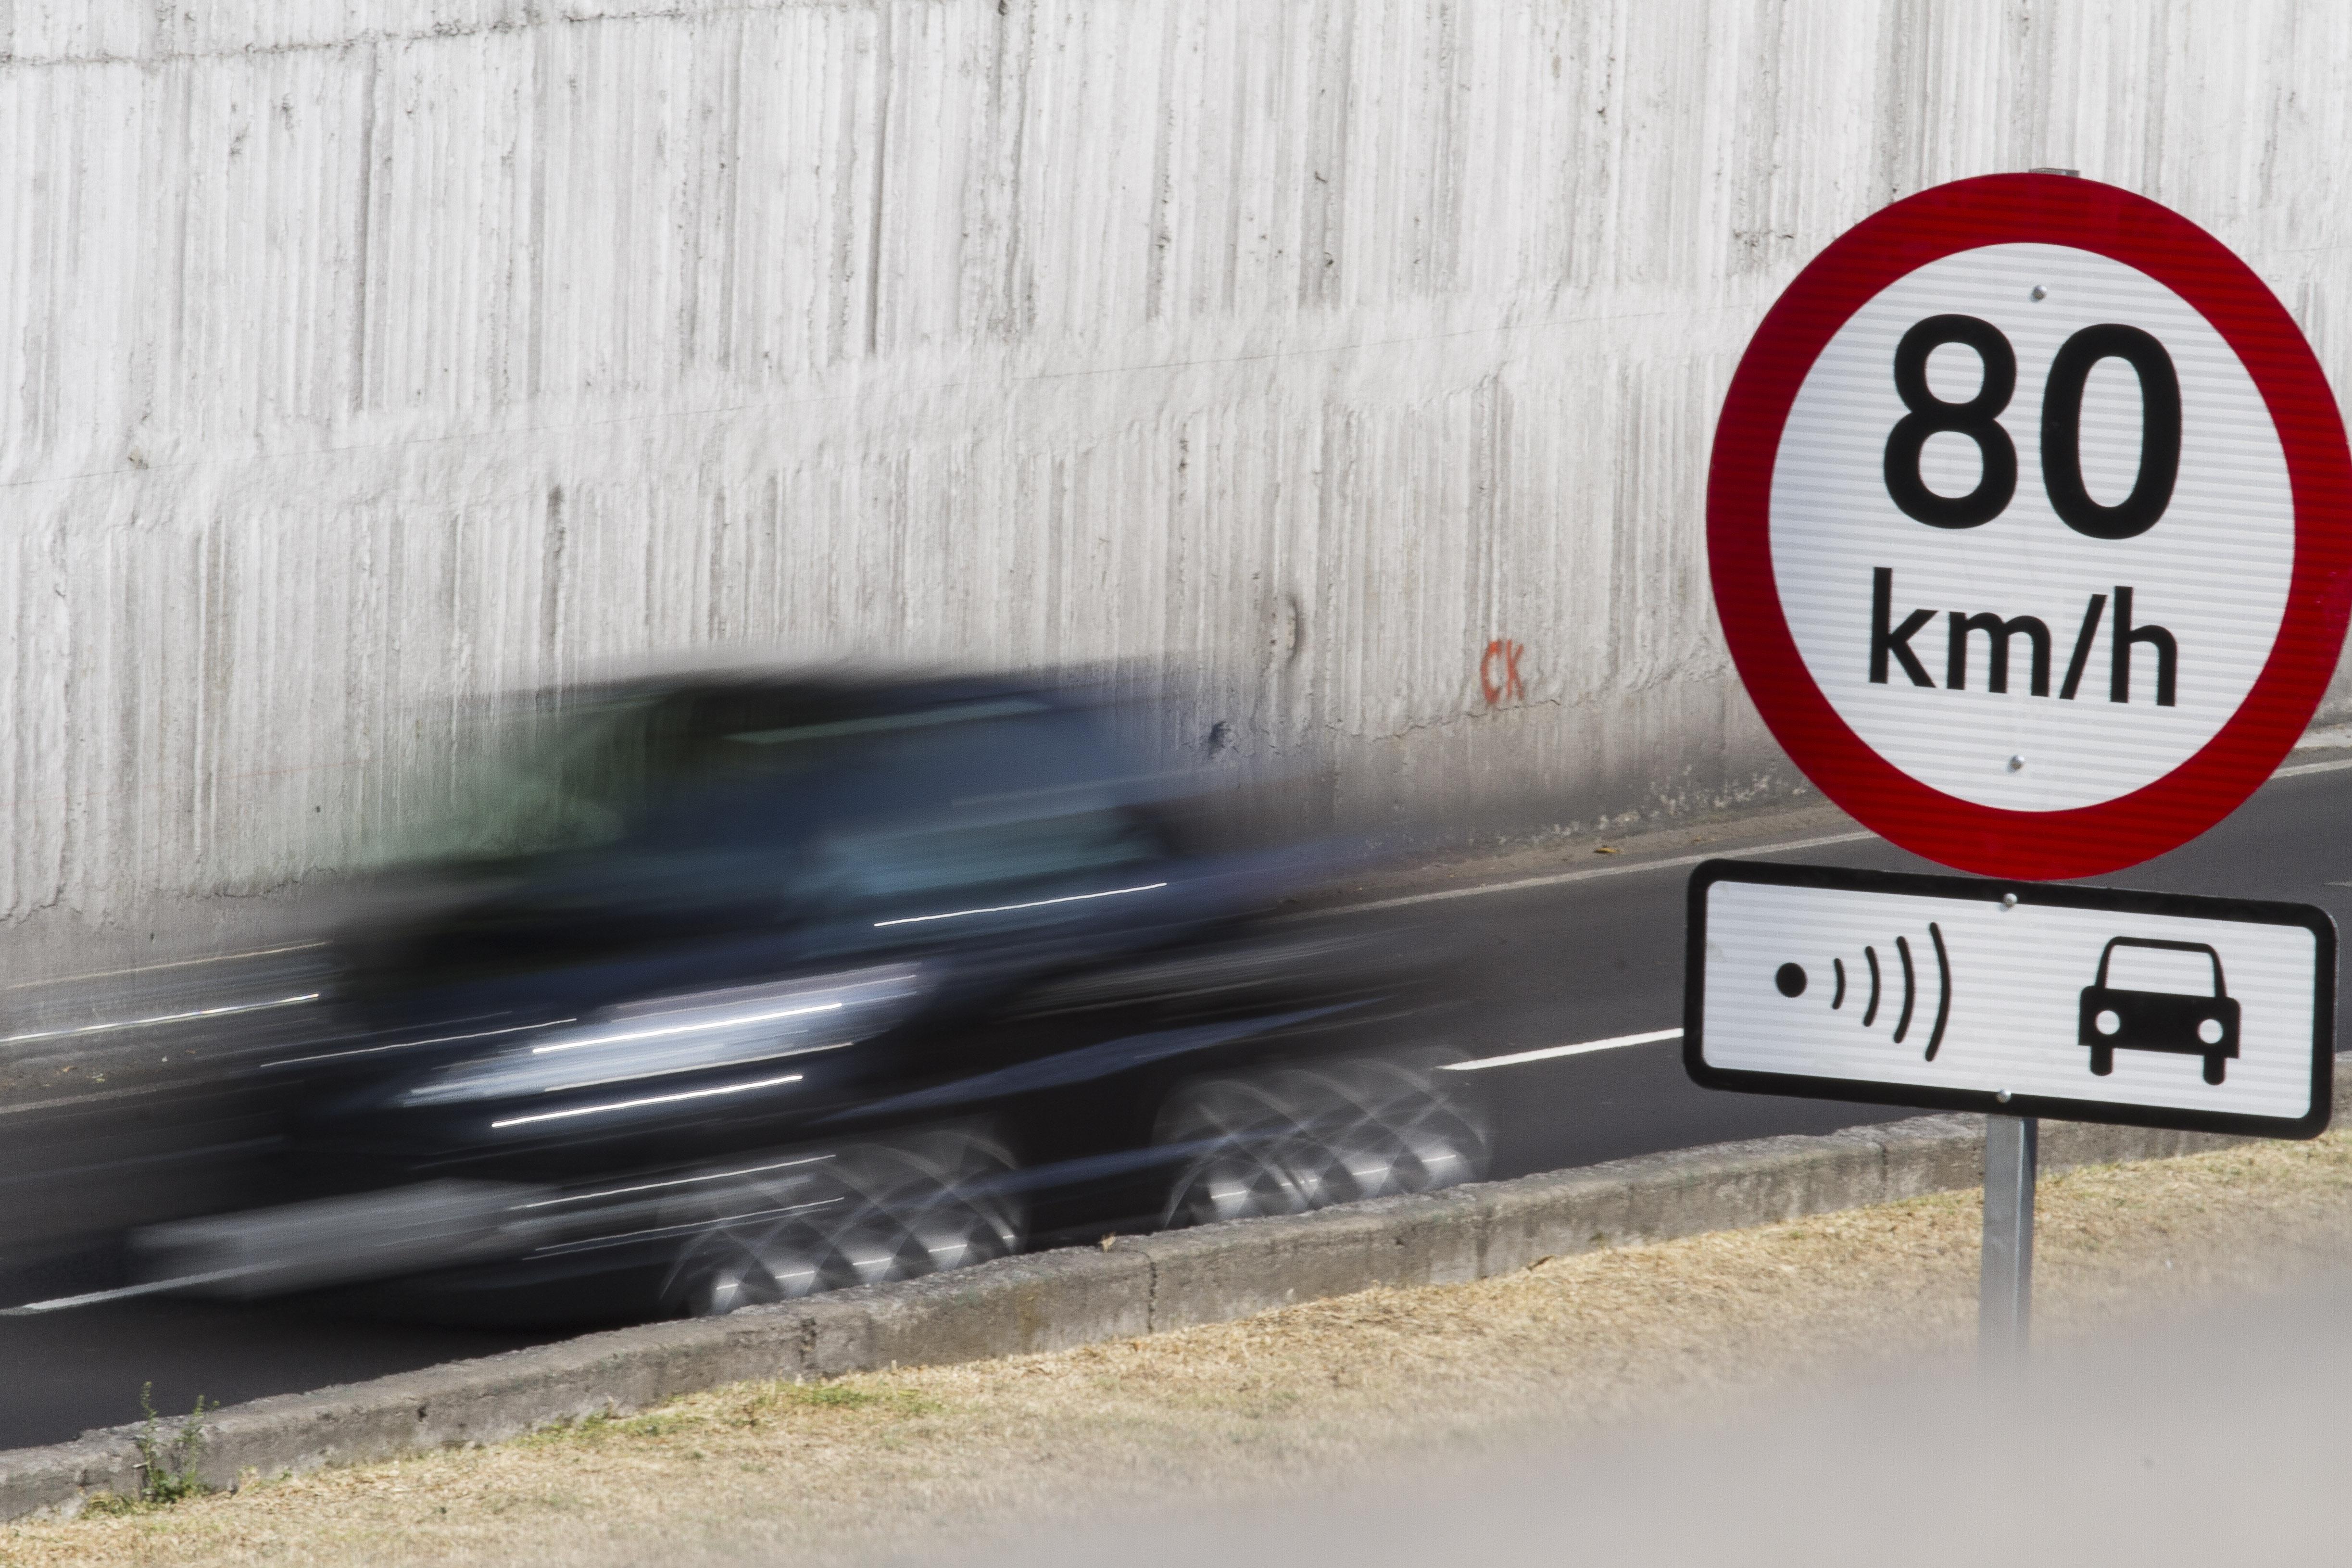 mas-radares-y-operativos-el-plan-para-disminuir-accidentes-de-transito-en-cdmx